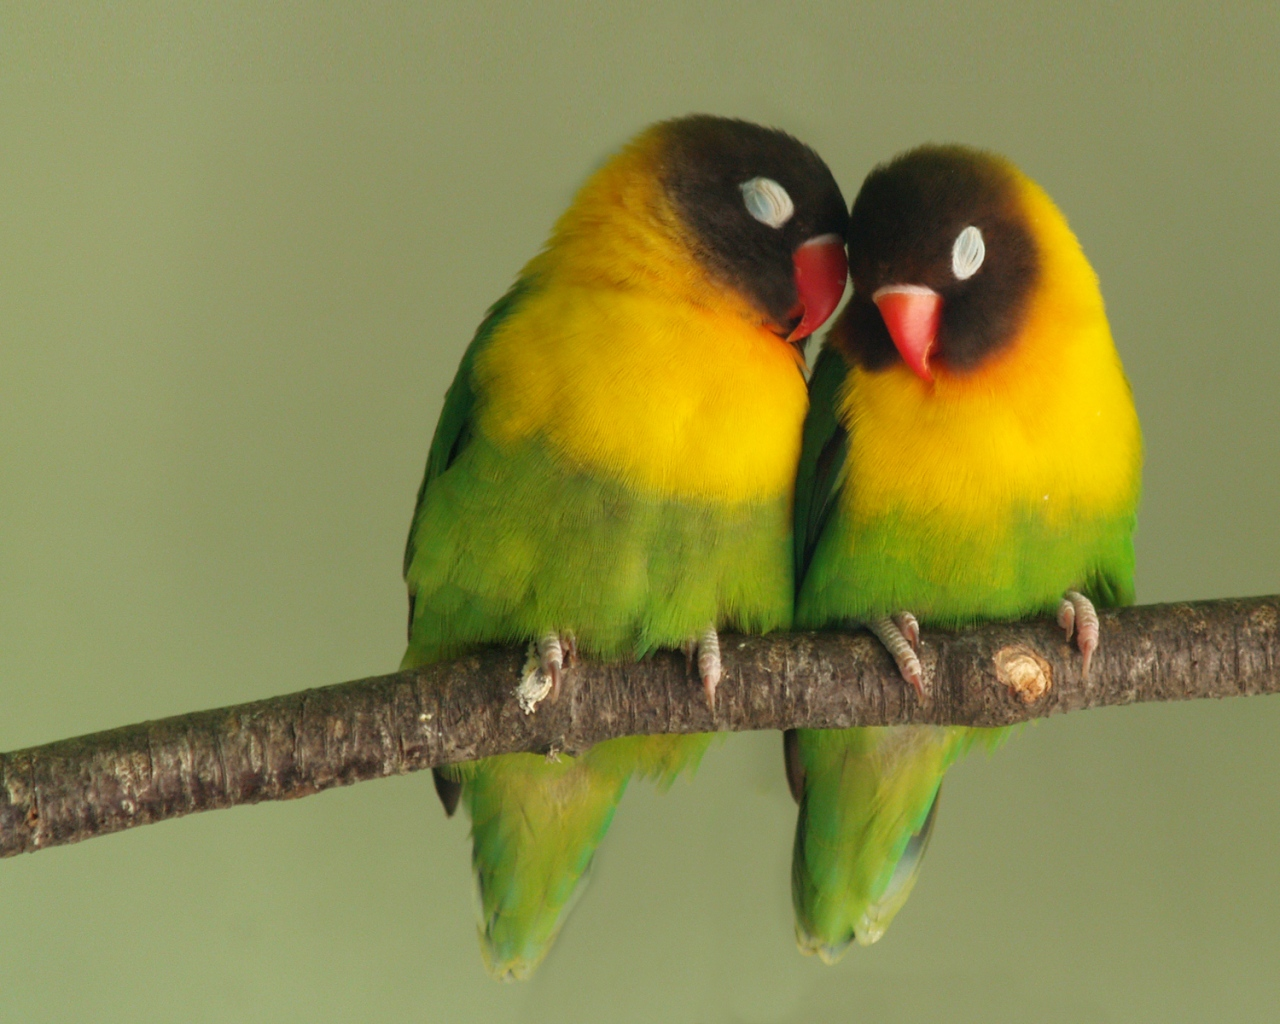 twolovebirds